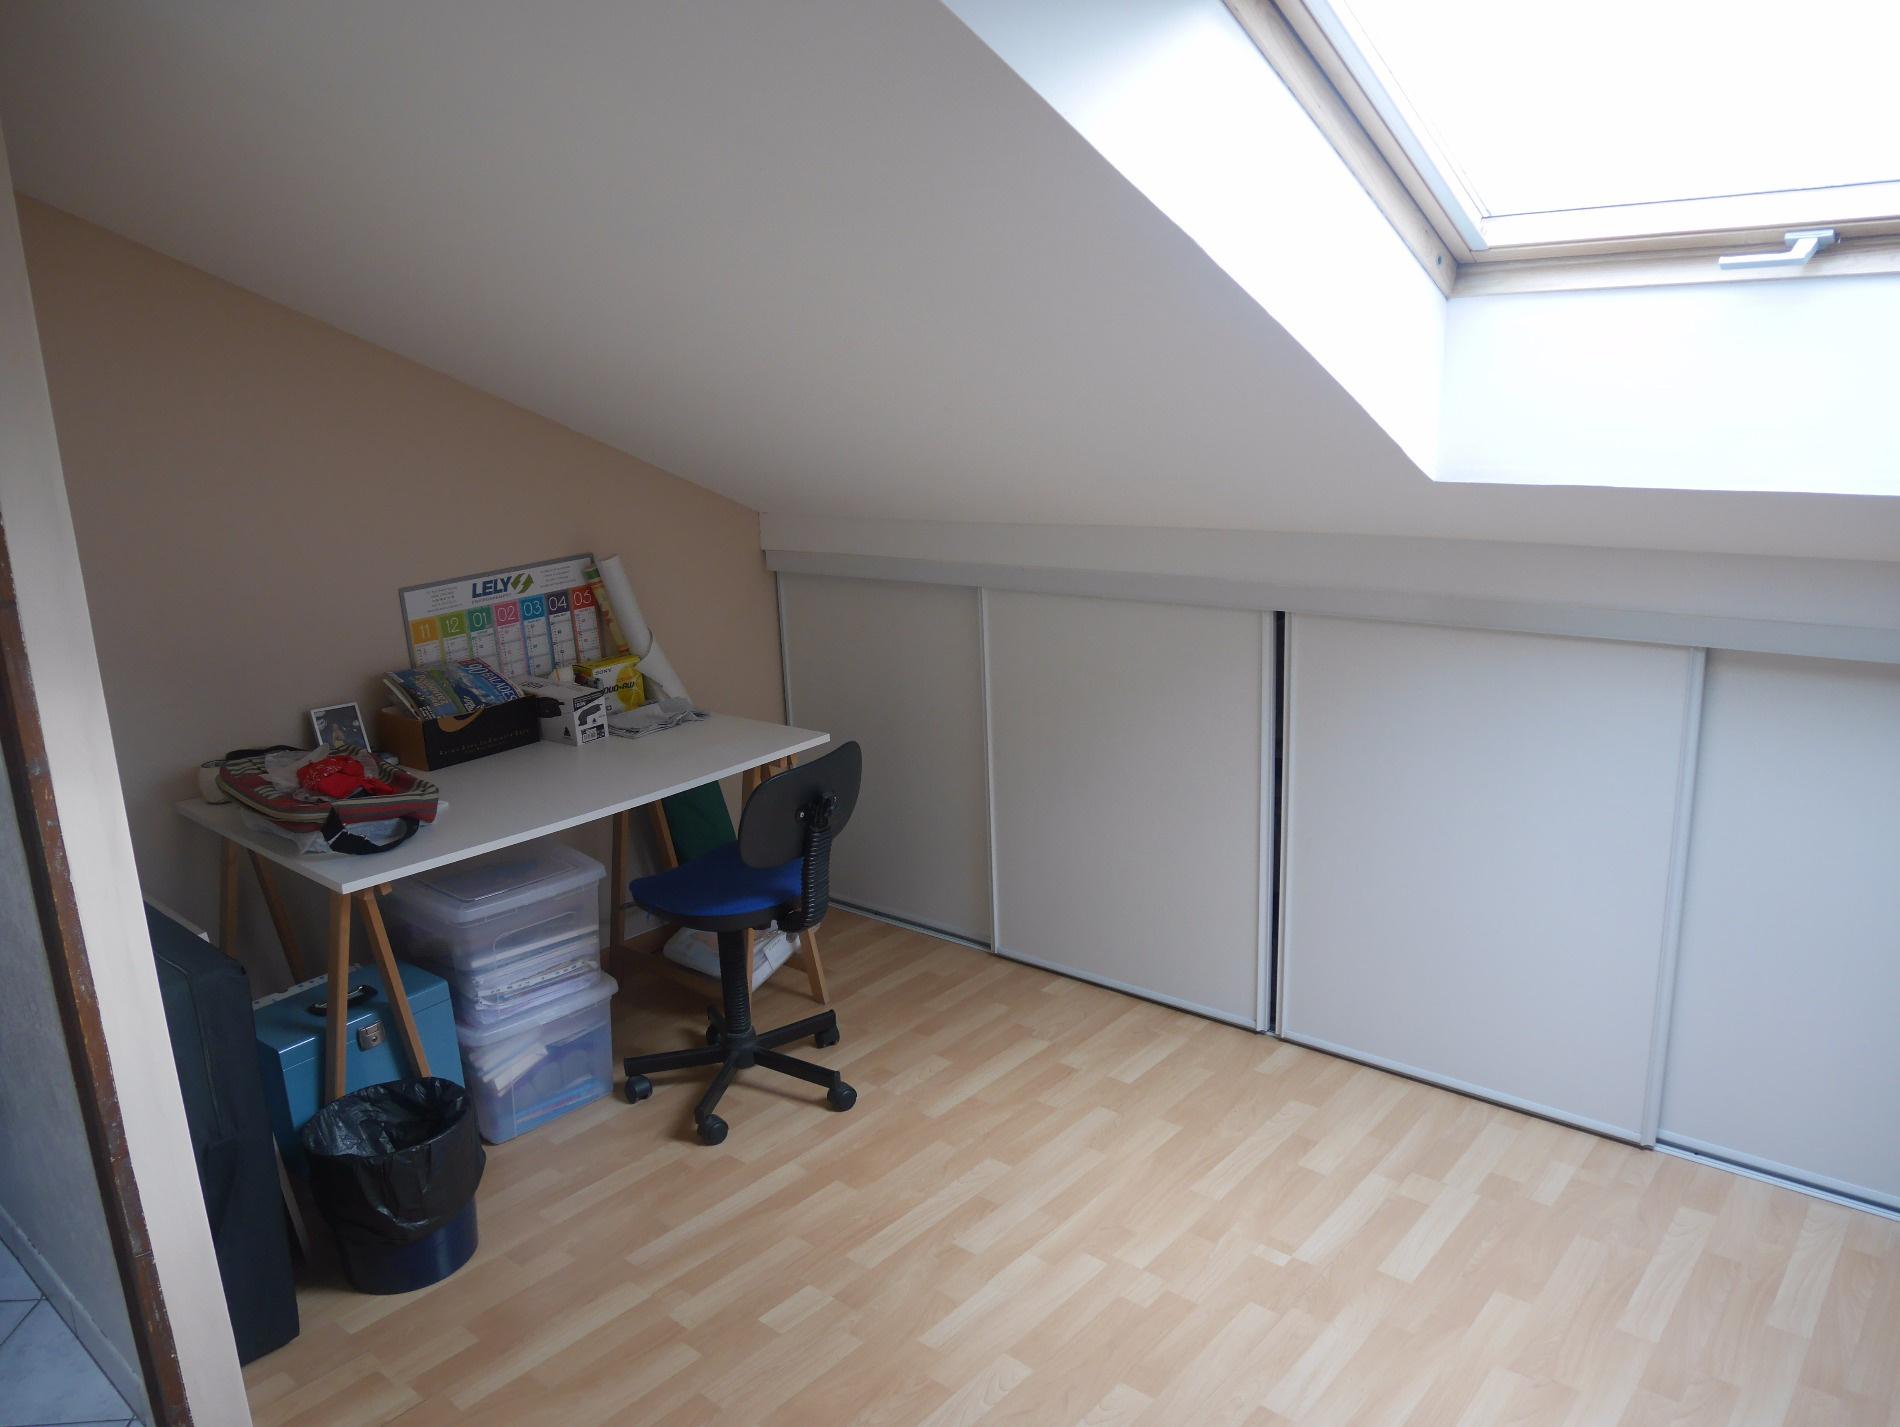 Produit Ajax Salle De Bain ~ Vente Appartement T6 110 M Eybens